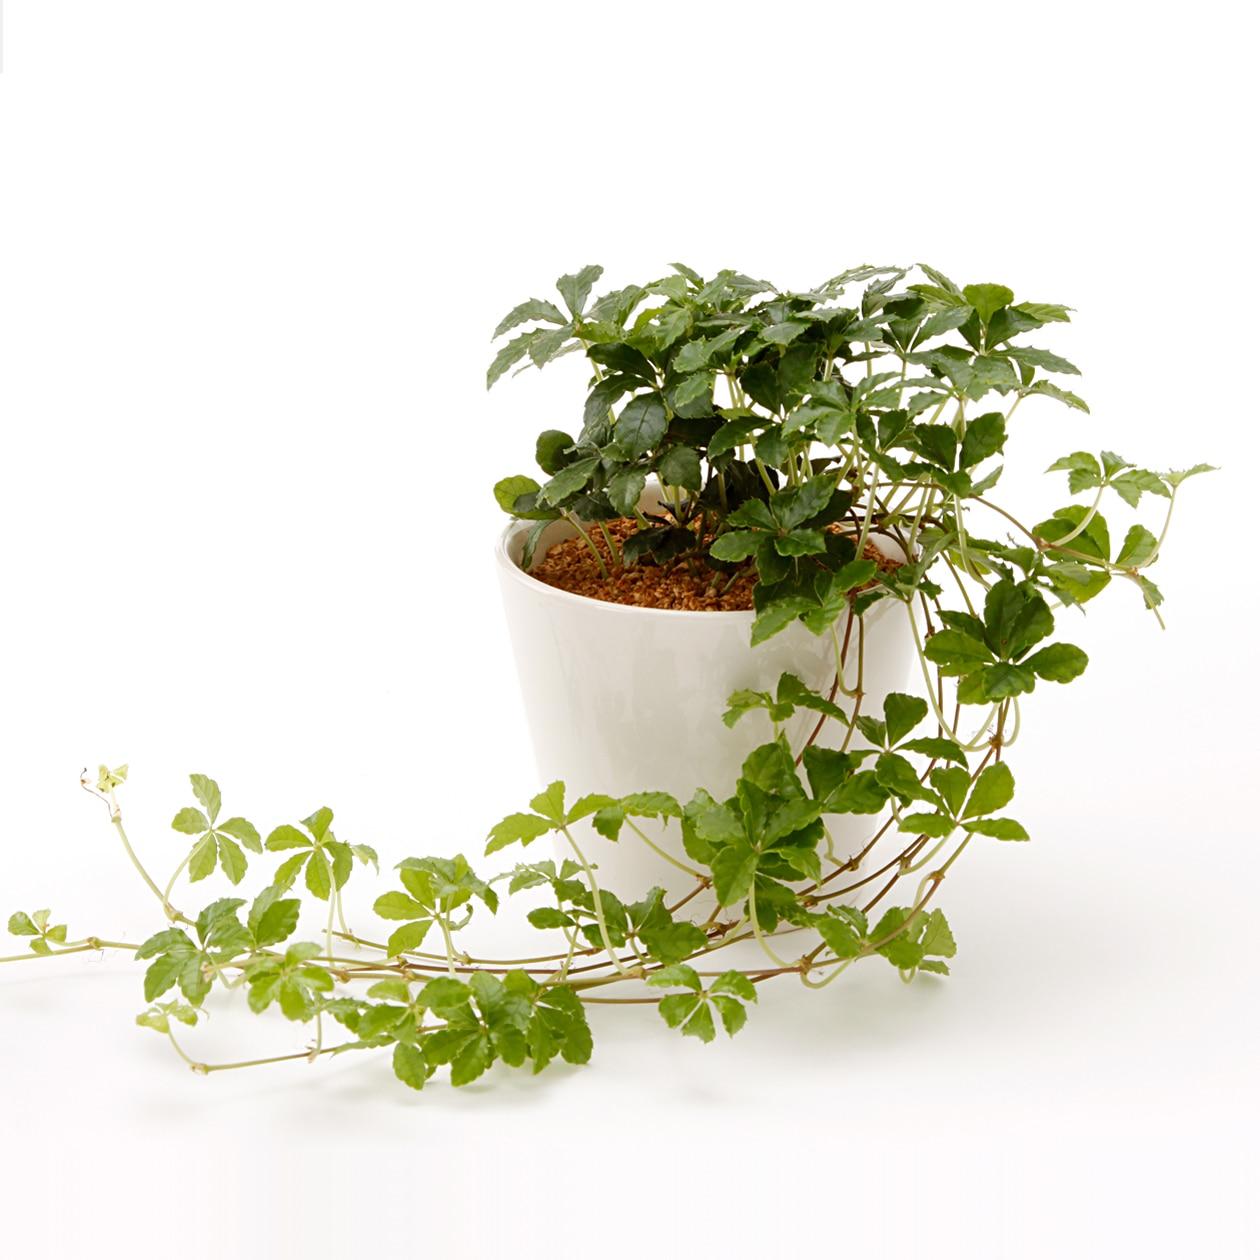 【ネット限定】リサイクルテラコッタに植えた観葉植物 シュガーバインの写真